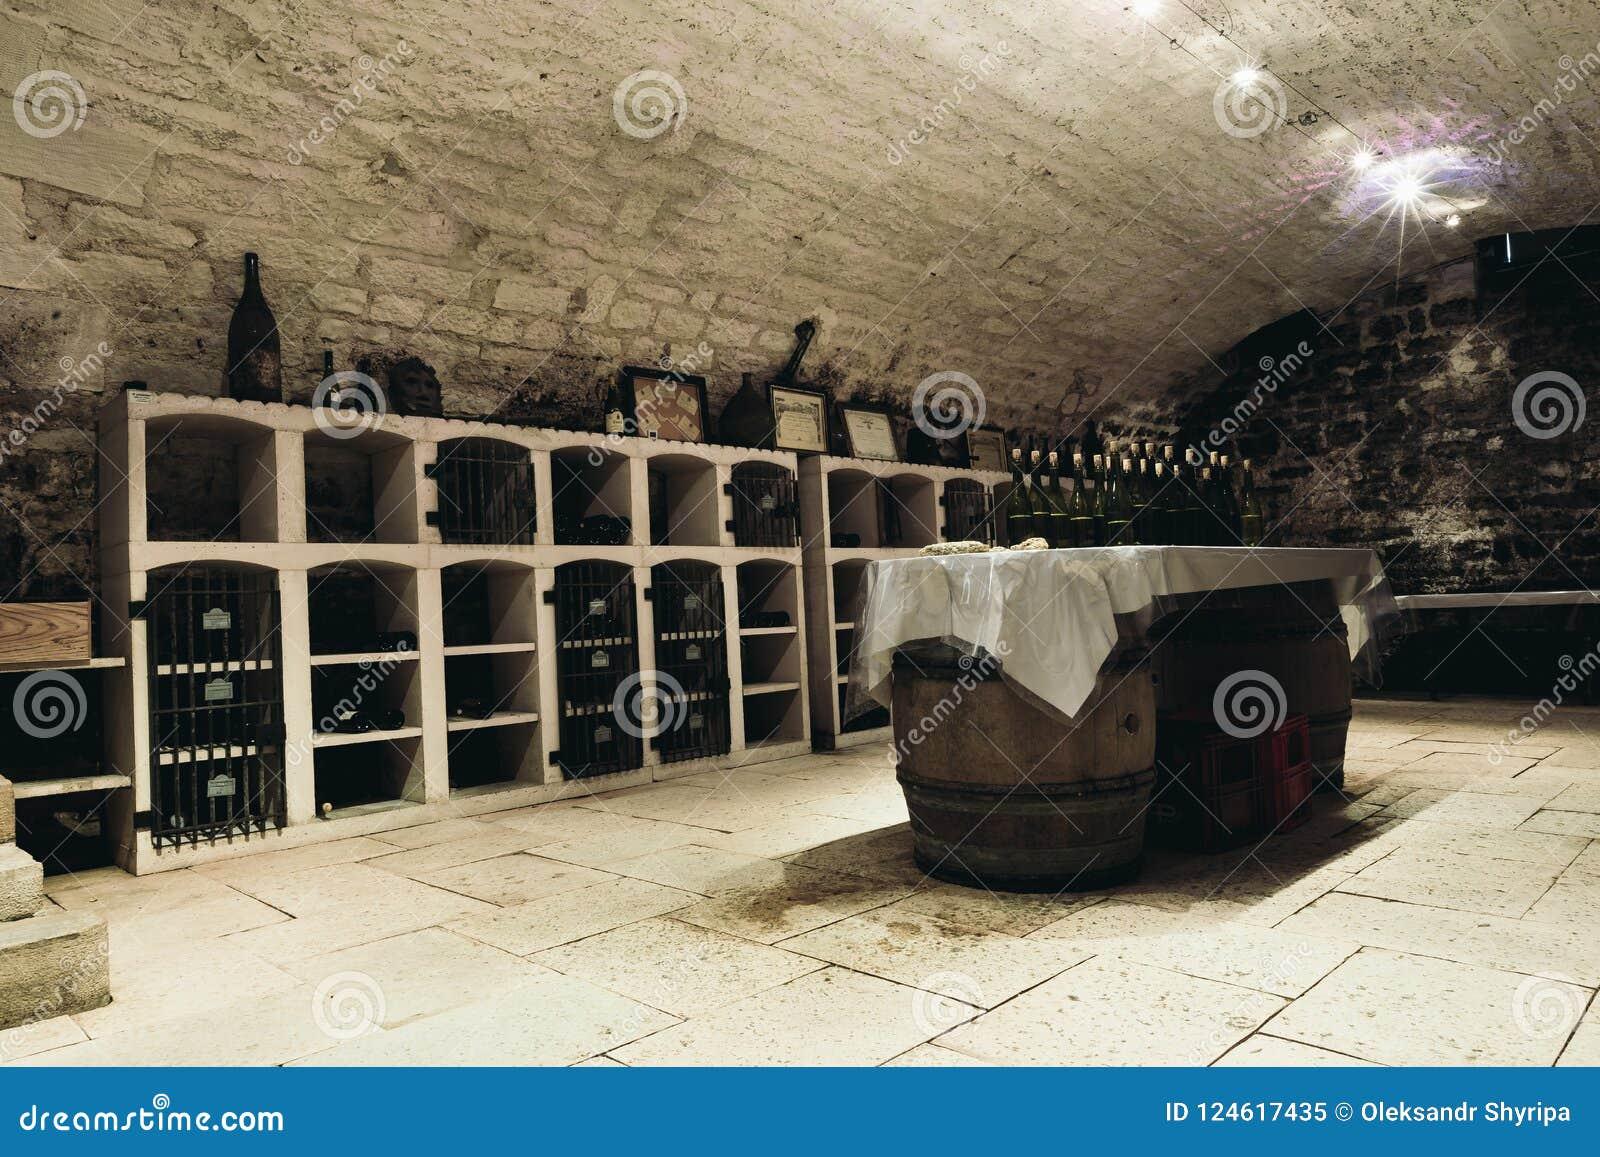 Tasting room in the wine cellar